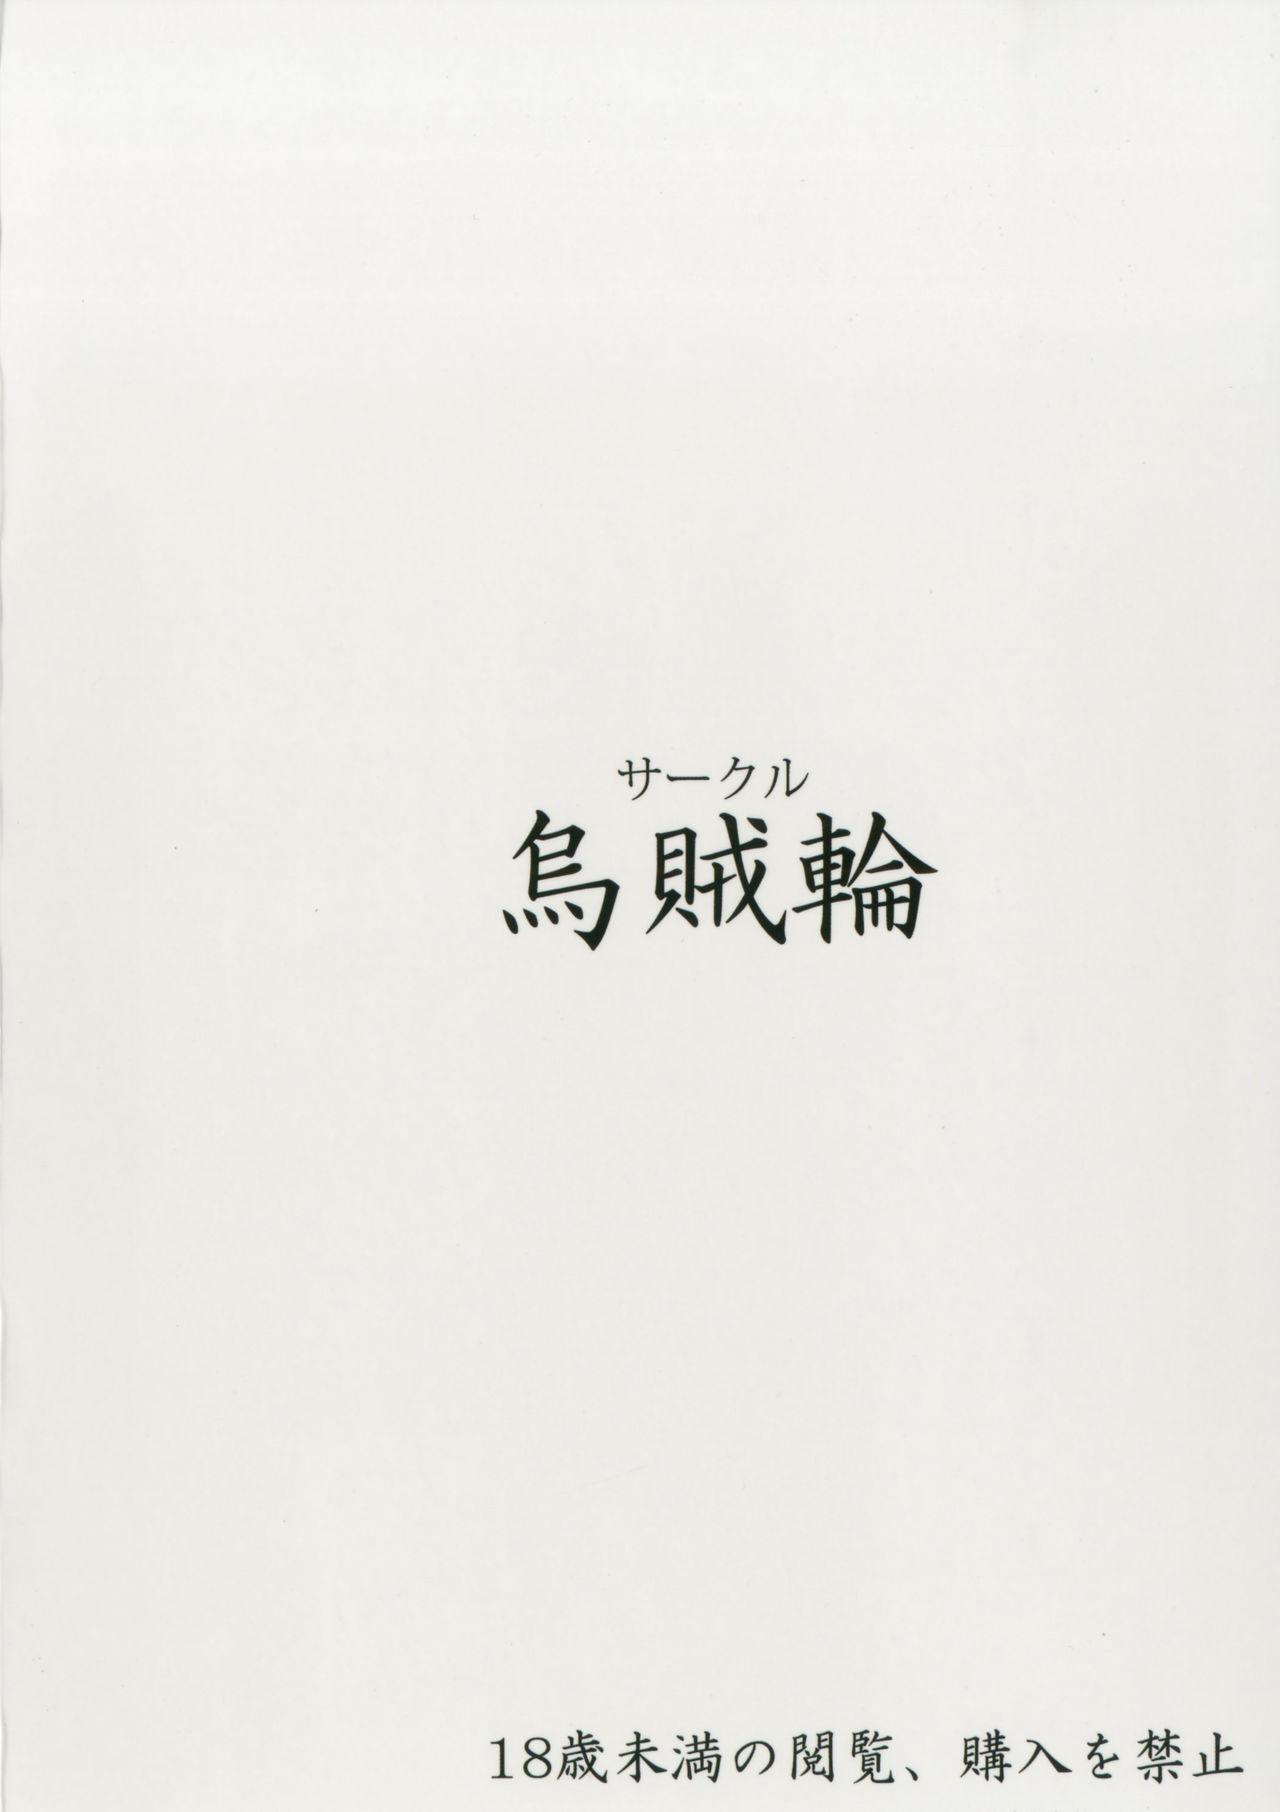 Betor no Yume de Nebokete H ni Hatsujousuru Kikuudan 19